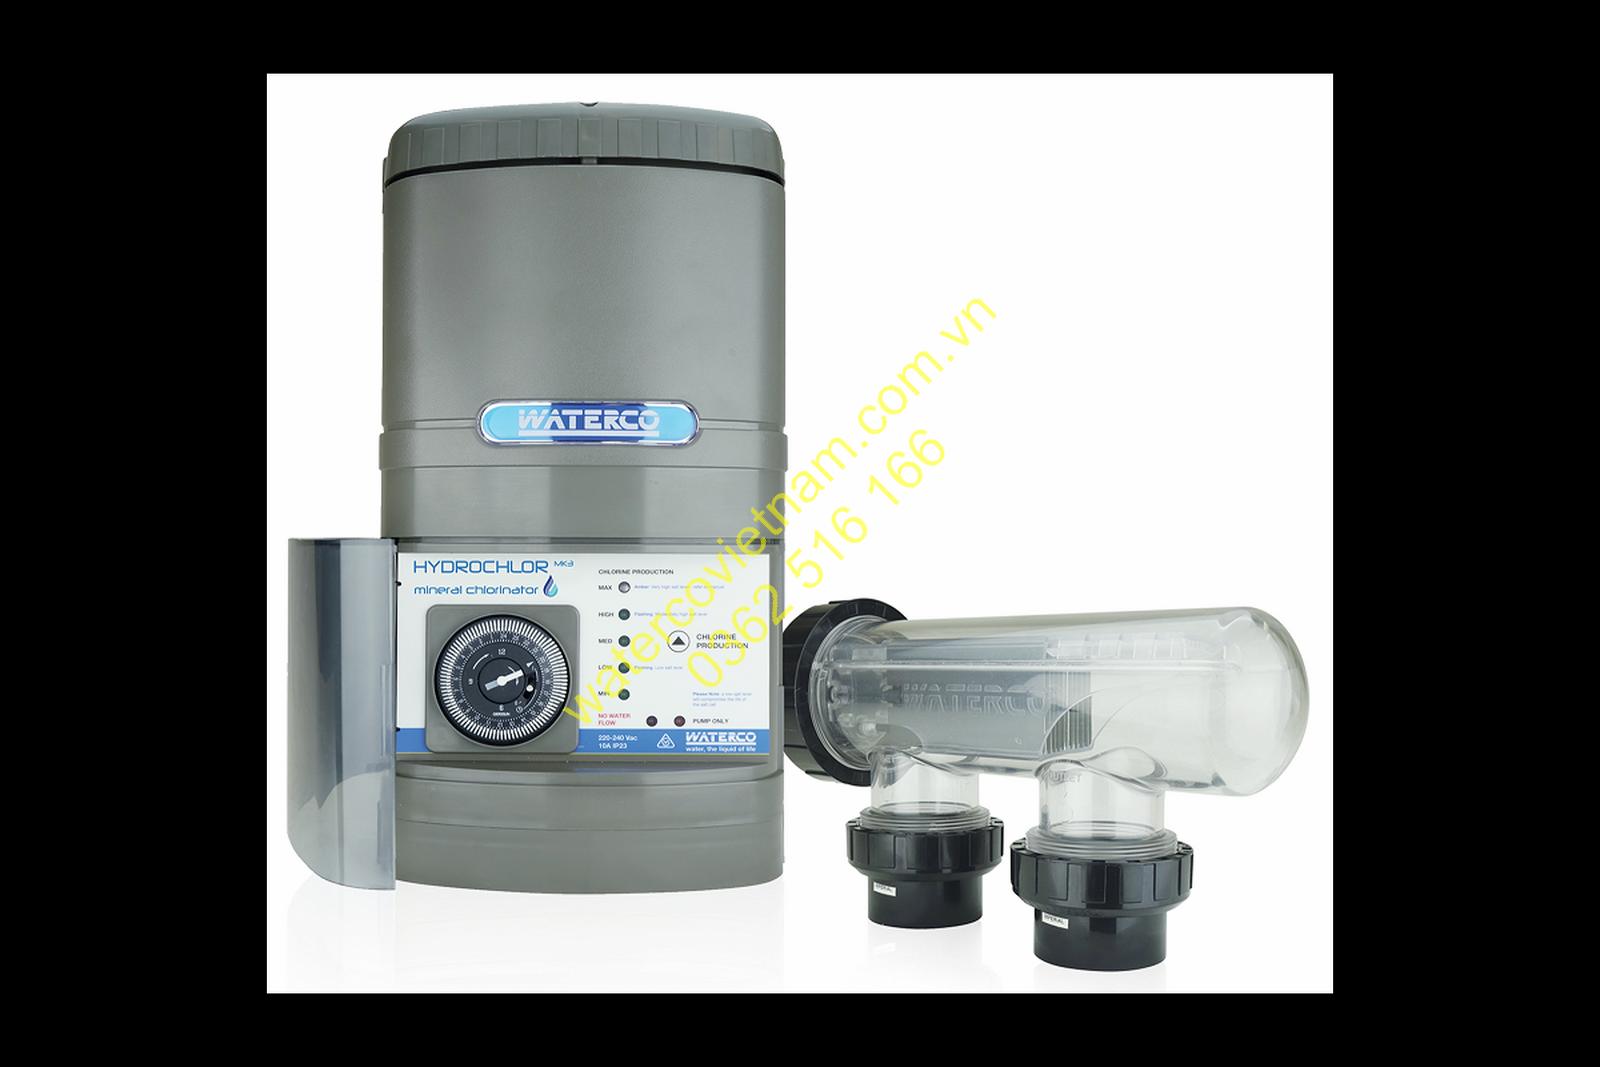 Bộ điện phân hồ bơi Waterco Hydrochlor MK3 2500